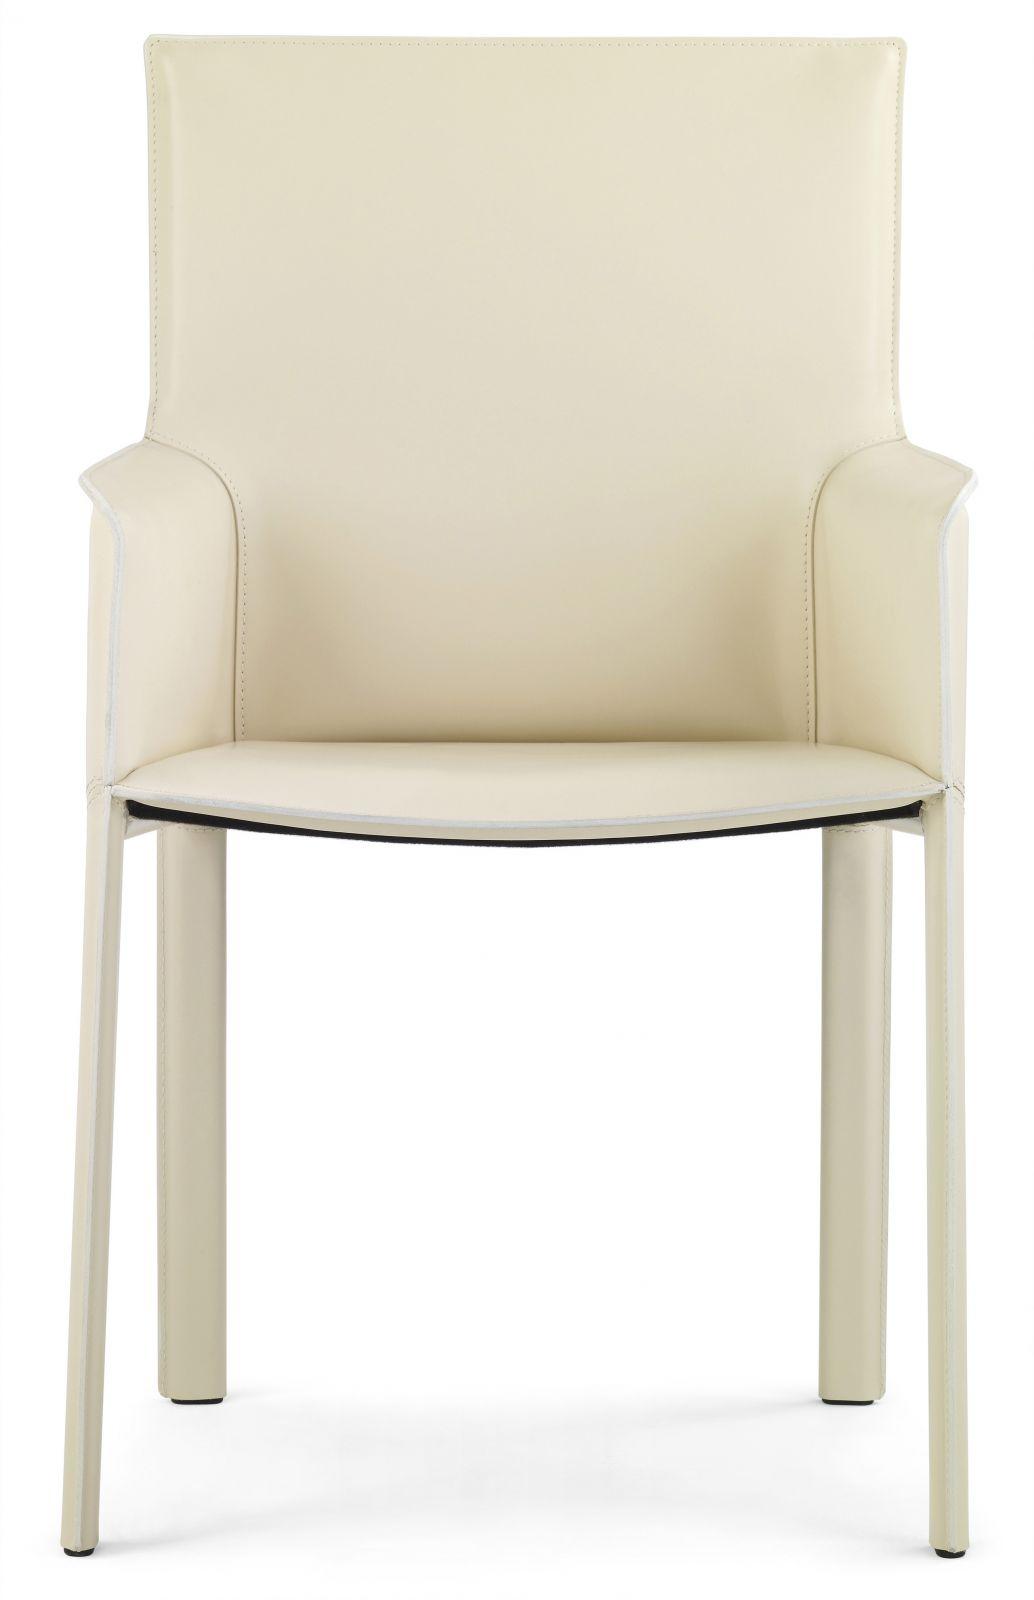 MOF 106 Modern Office Chair